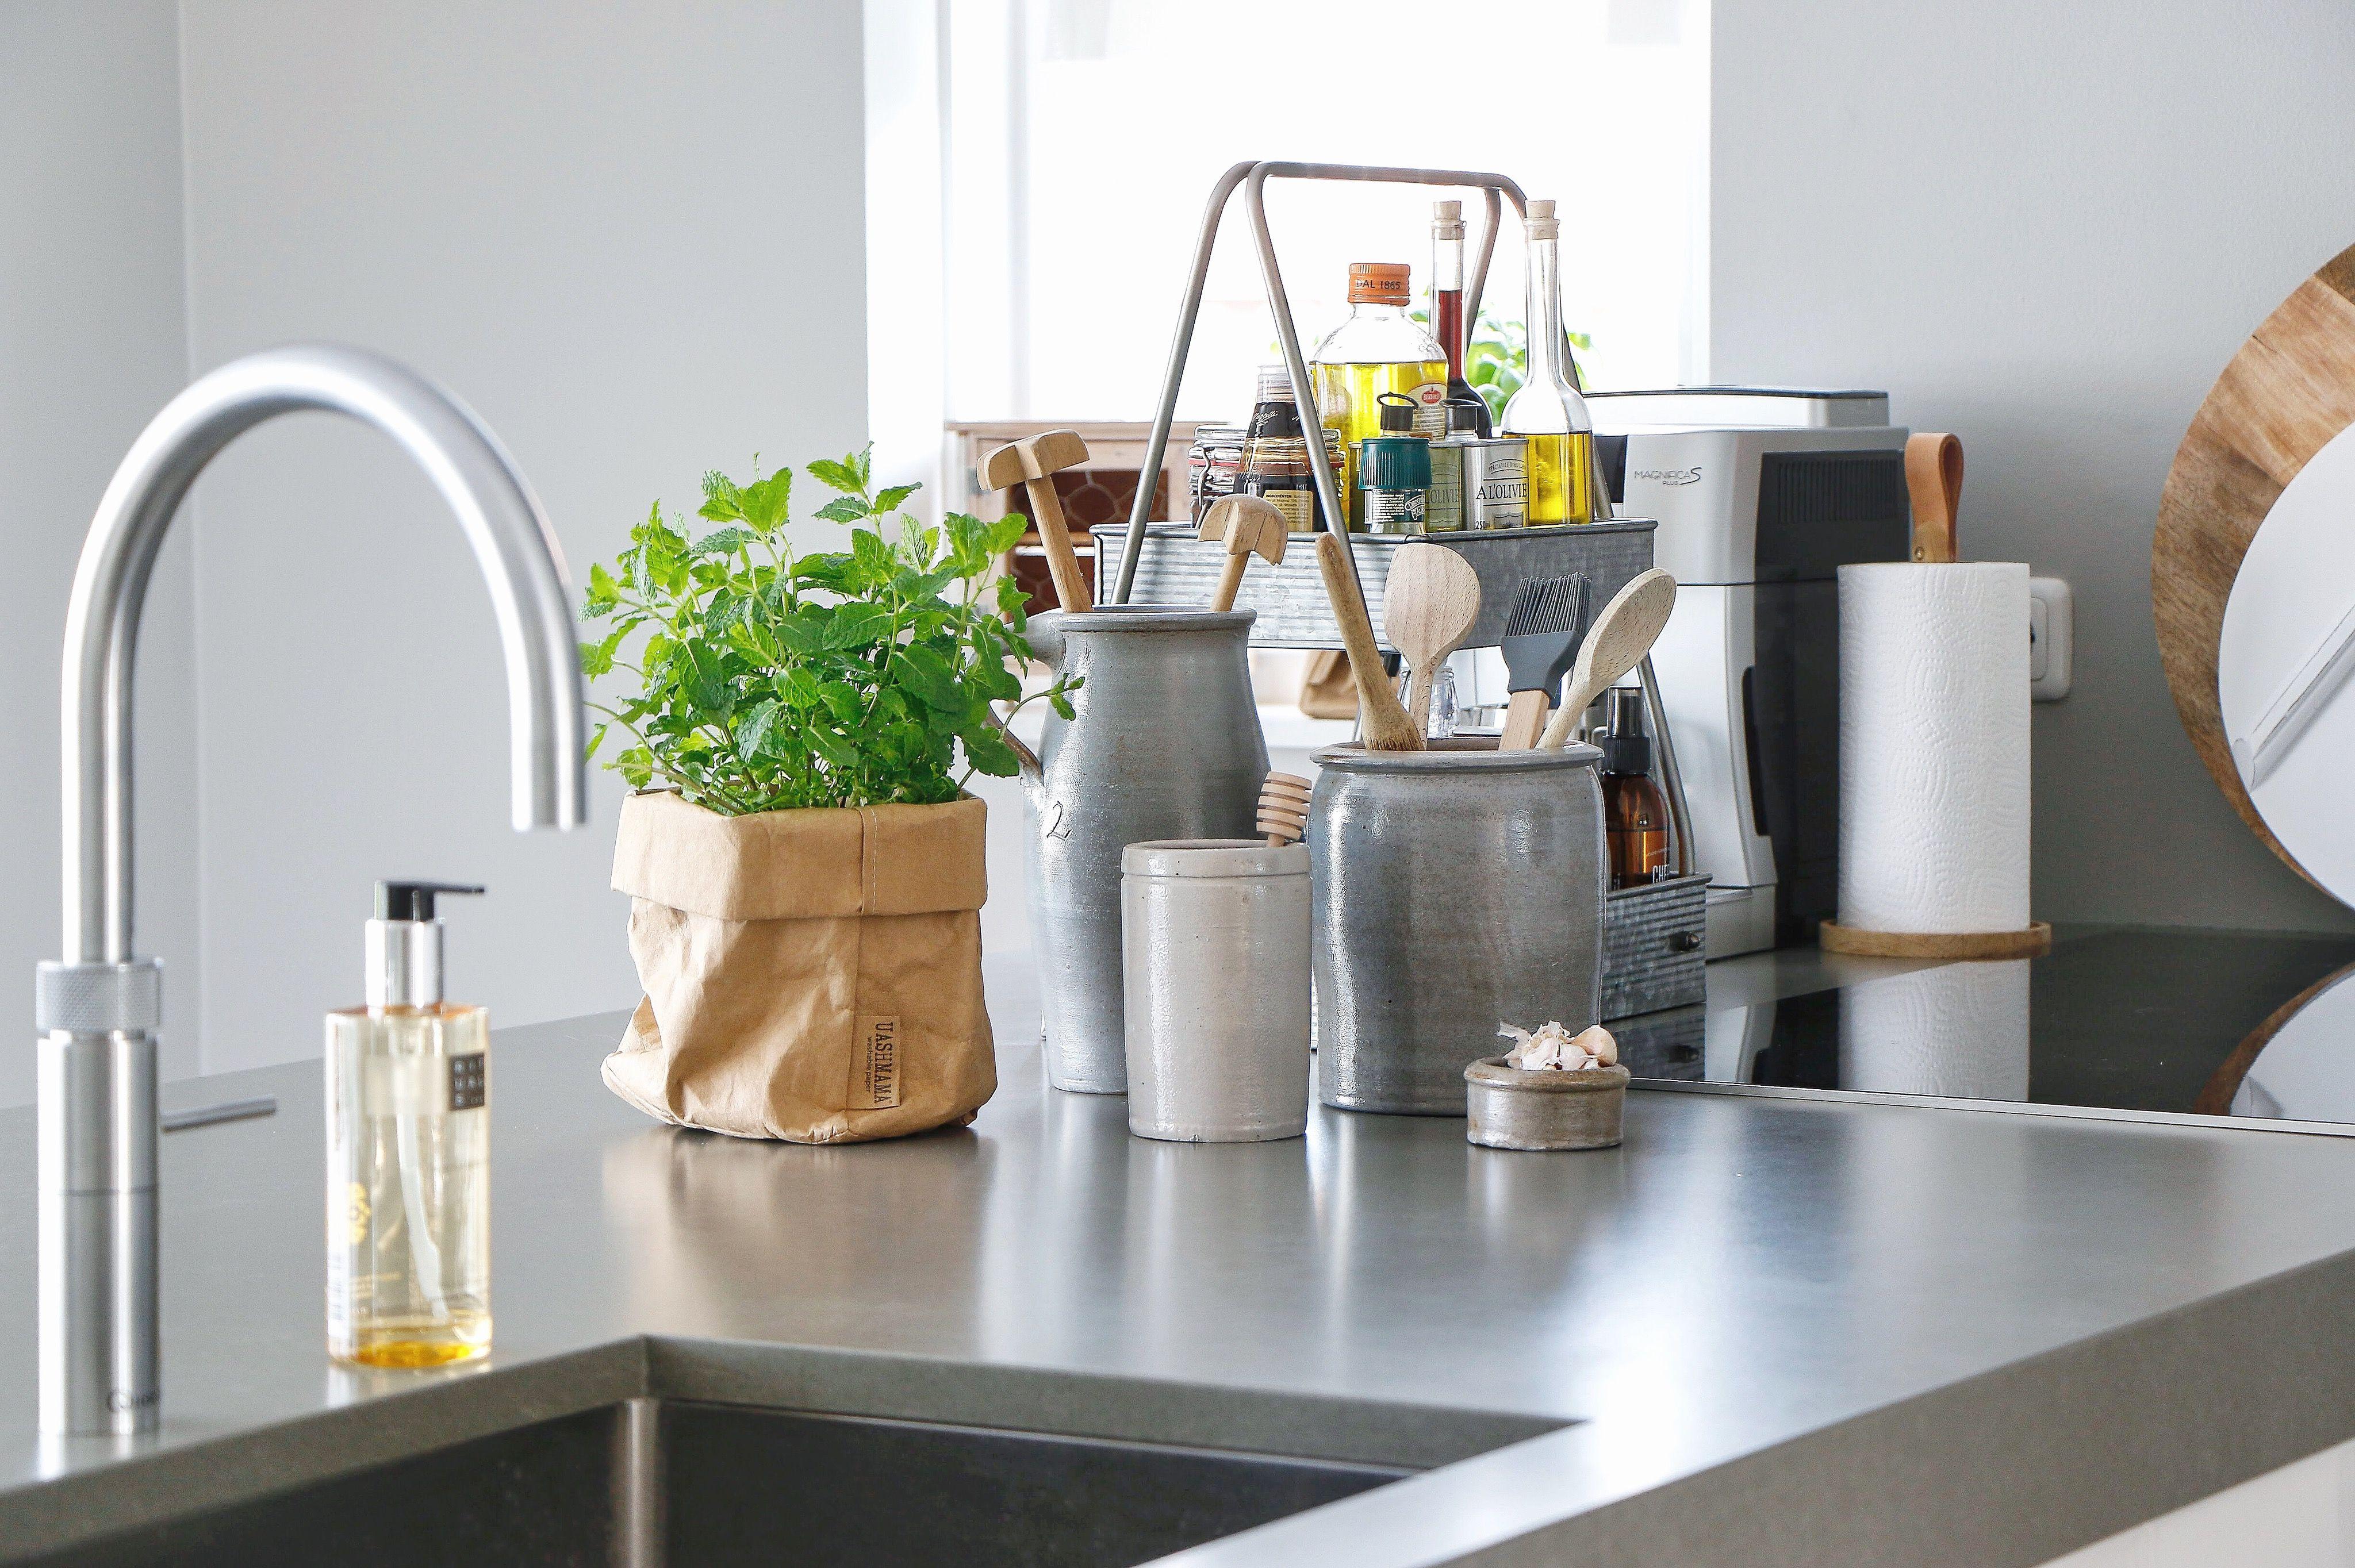 Keukendecoratie meer inspiratie kijk op instagram